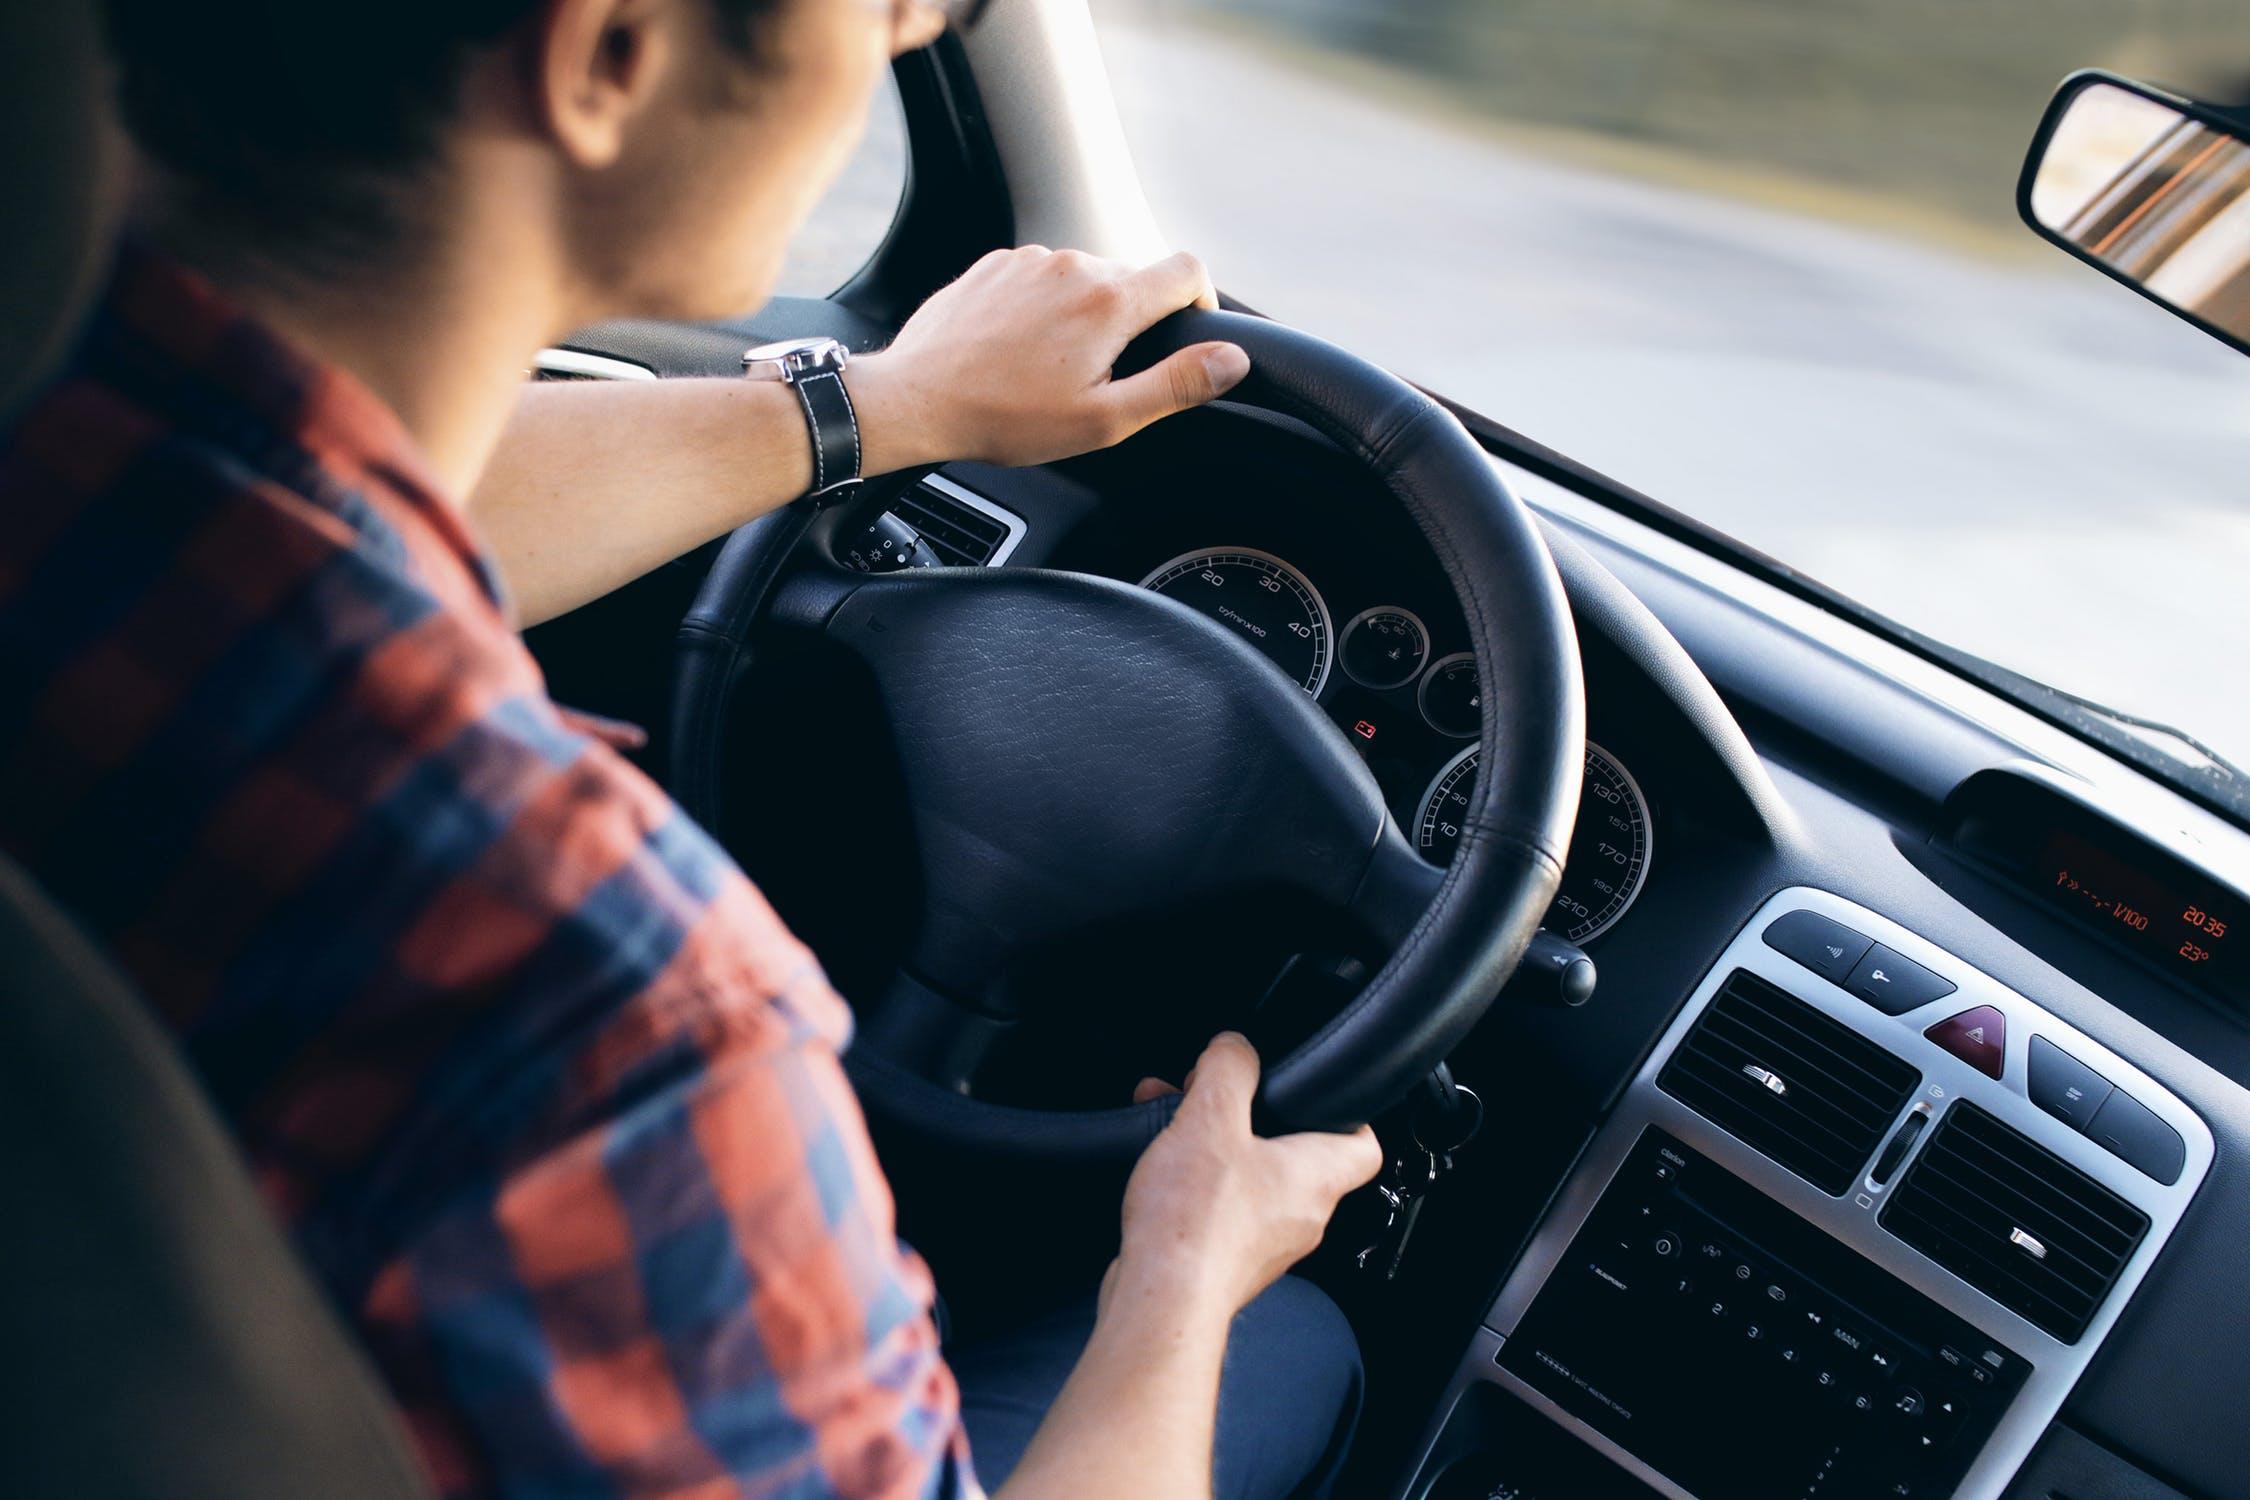 prawo jazdy kategoria b - nauka jazdy PROGRESS